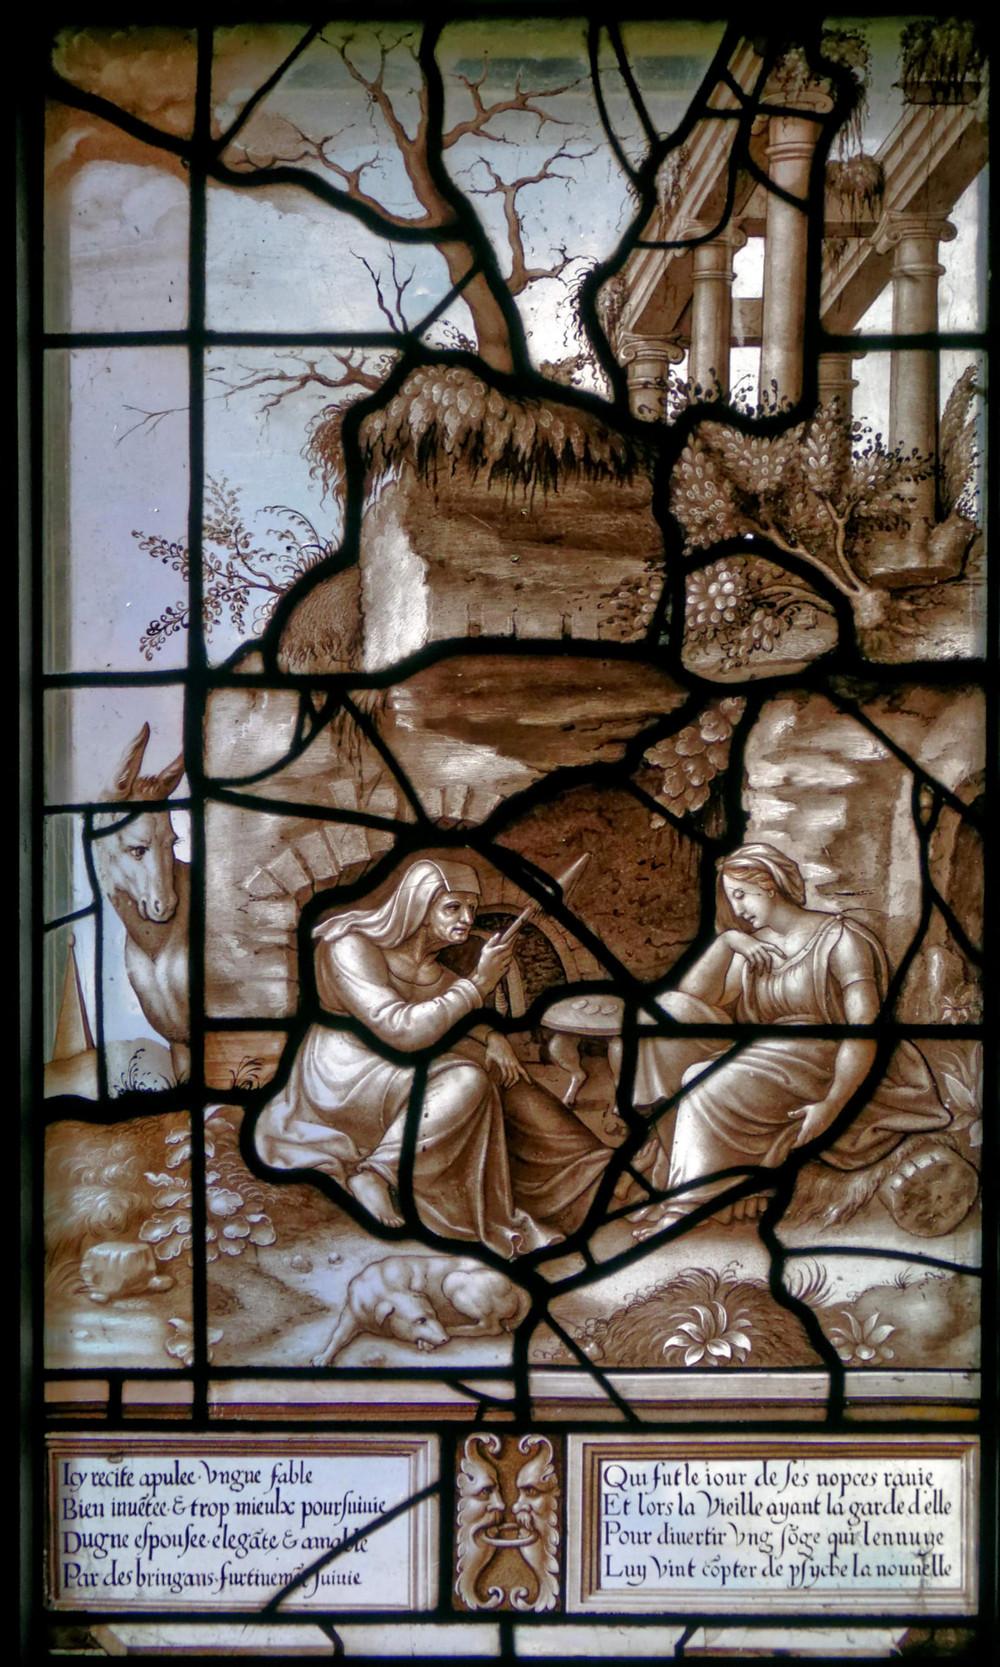 ttribué à un maître verrier de l'école de Fontainebleau,  La Vieille raconte l'histoire de Psyché à la jeune femme enlevée le jour de ses noces, Lucius écoutant à gauche sous la forme d'un âne,  Vers 1542-1544,  Vitrail n°1, grisaille, plomb, 110 x 55,5 cm, Conservé au musée Condé, Château de Chantilly.  © RMN – F. Raux / R.-G. Ojéda.